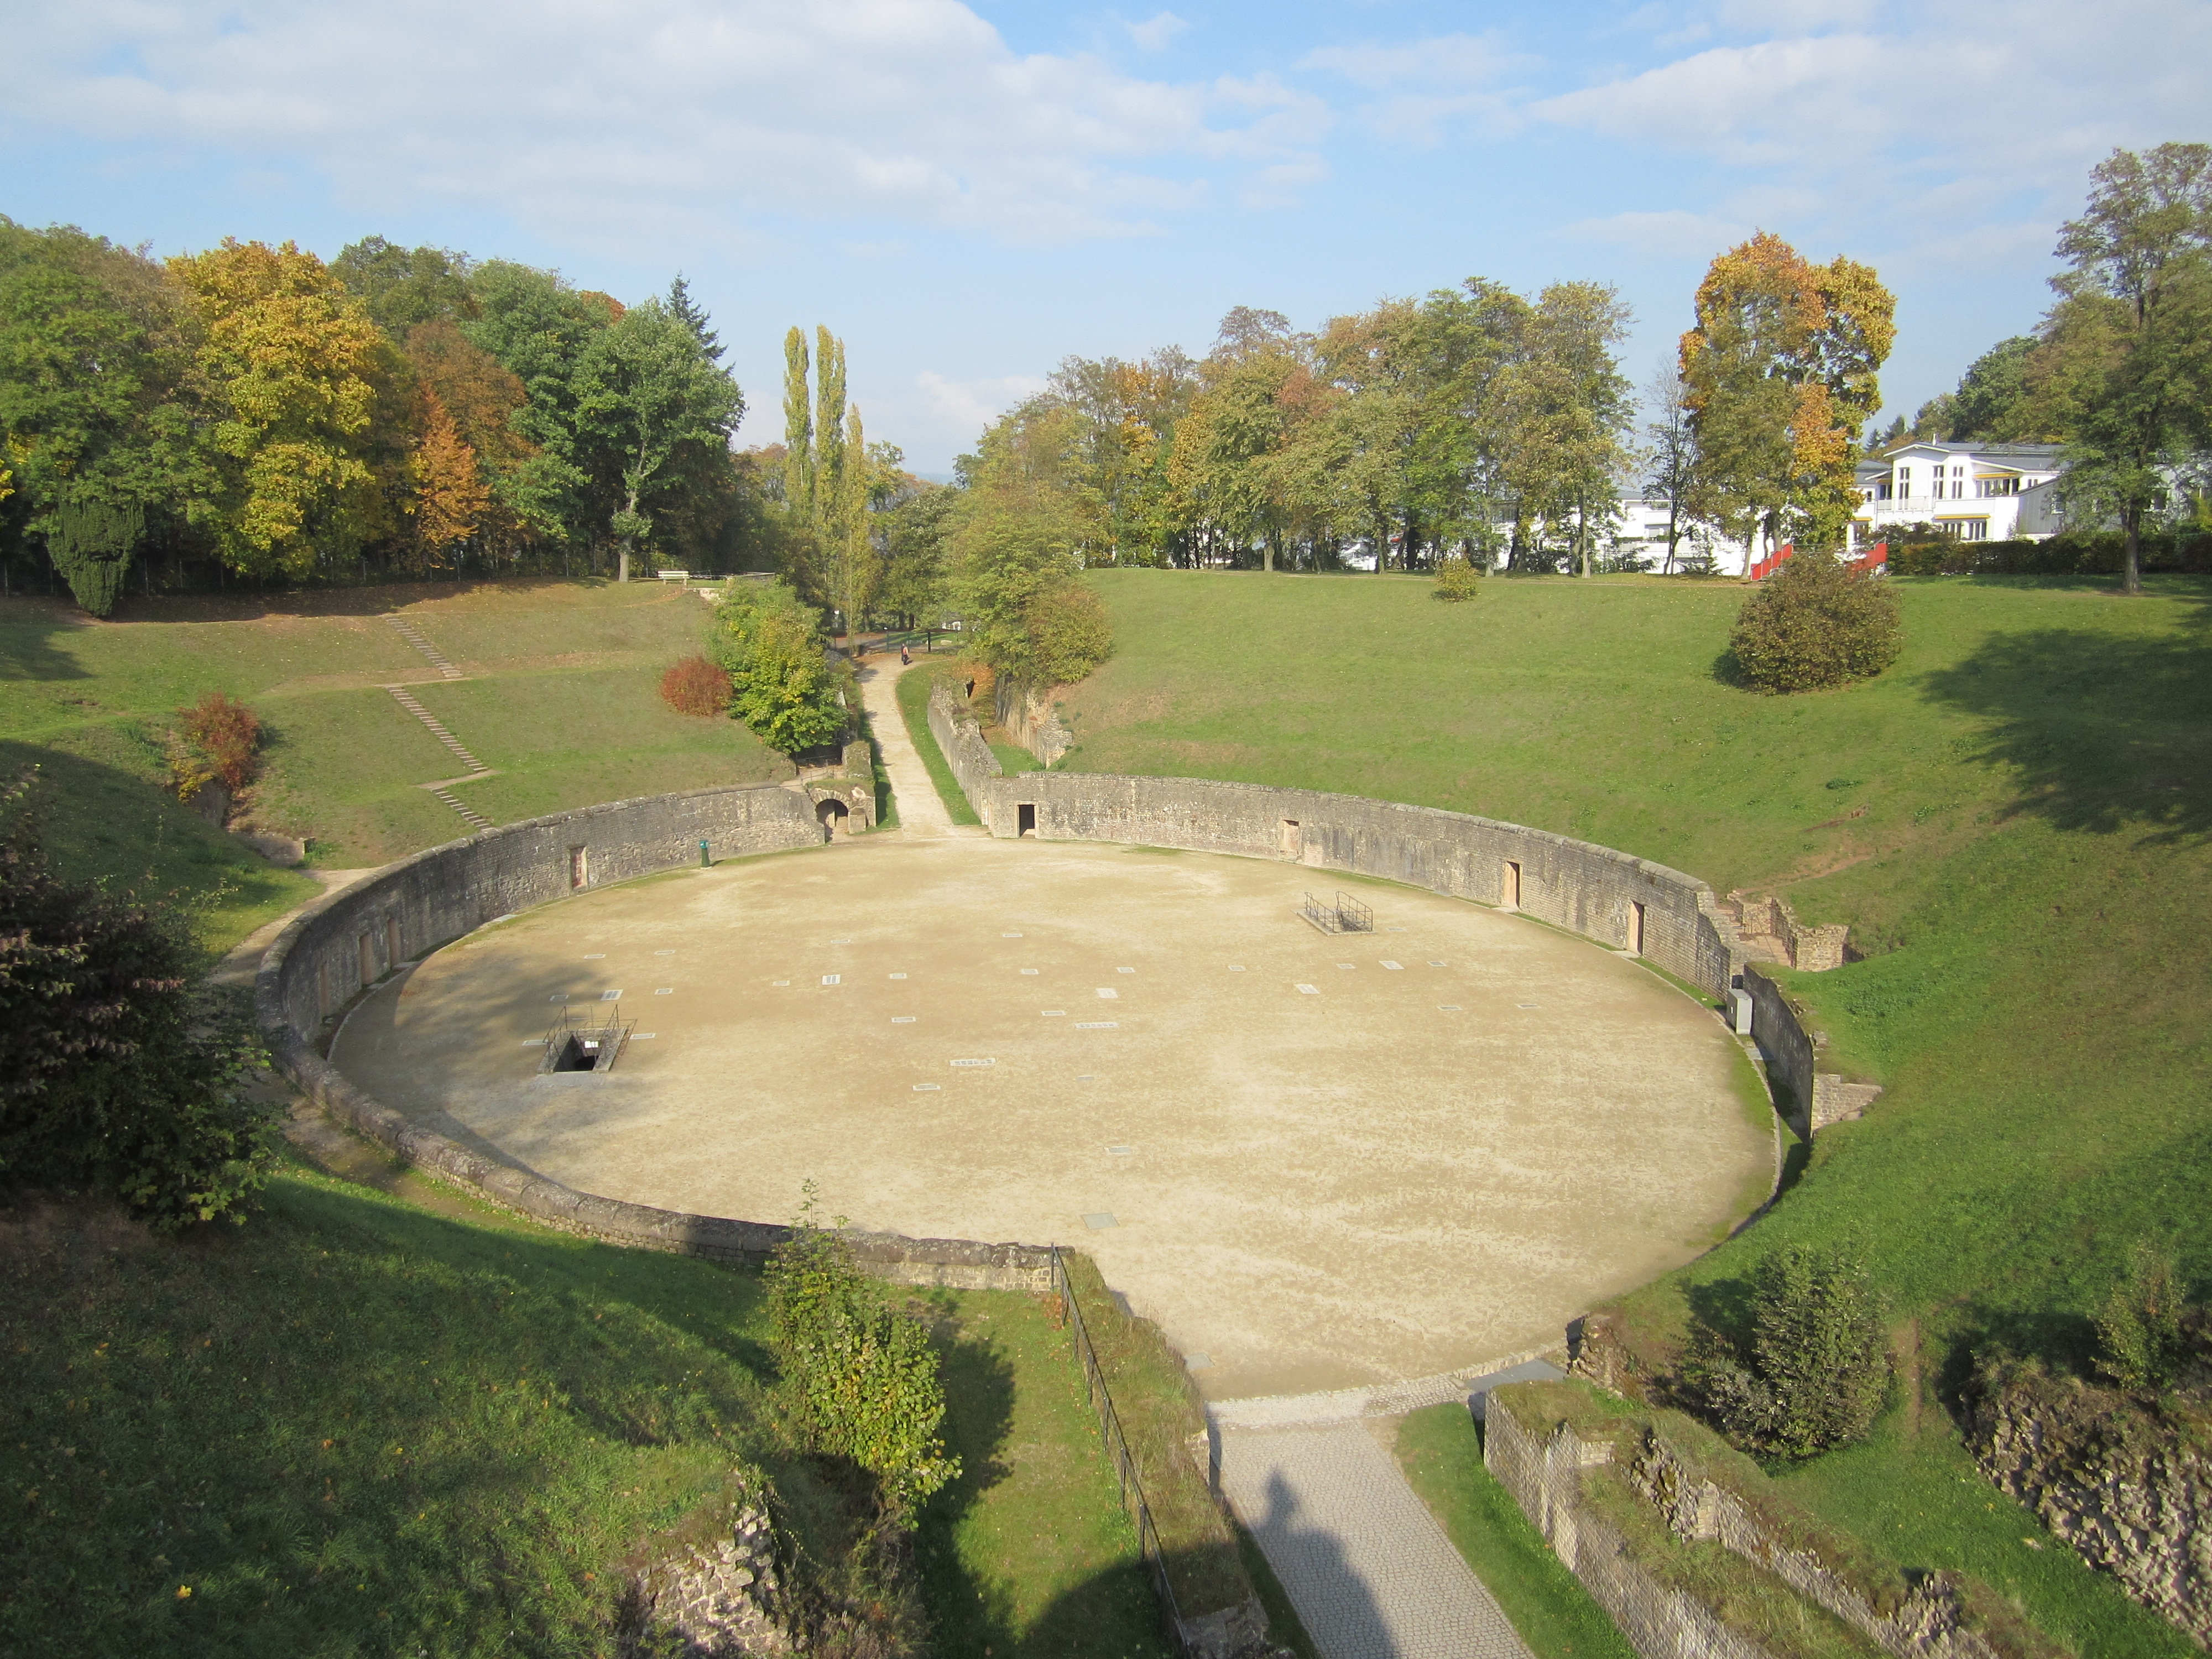 Das römische Amphitheater in Trier.